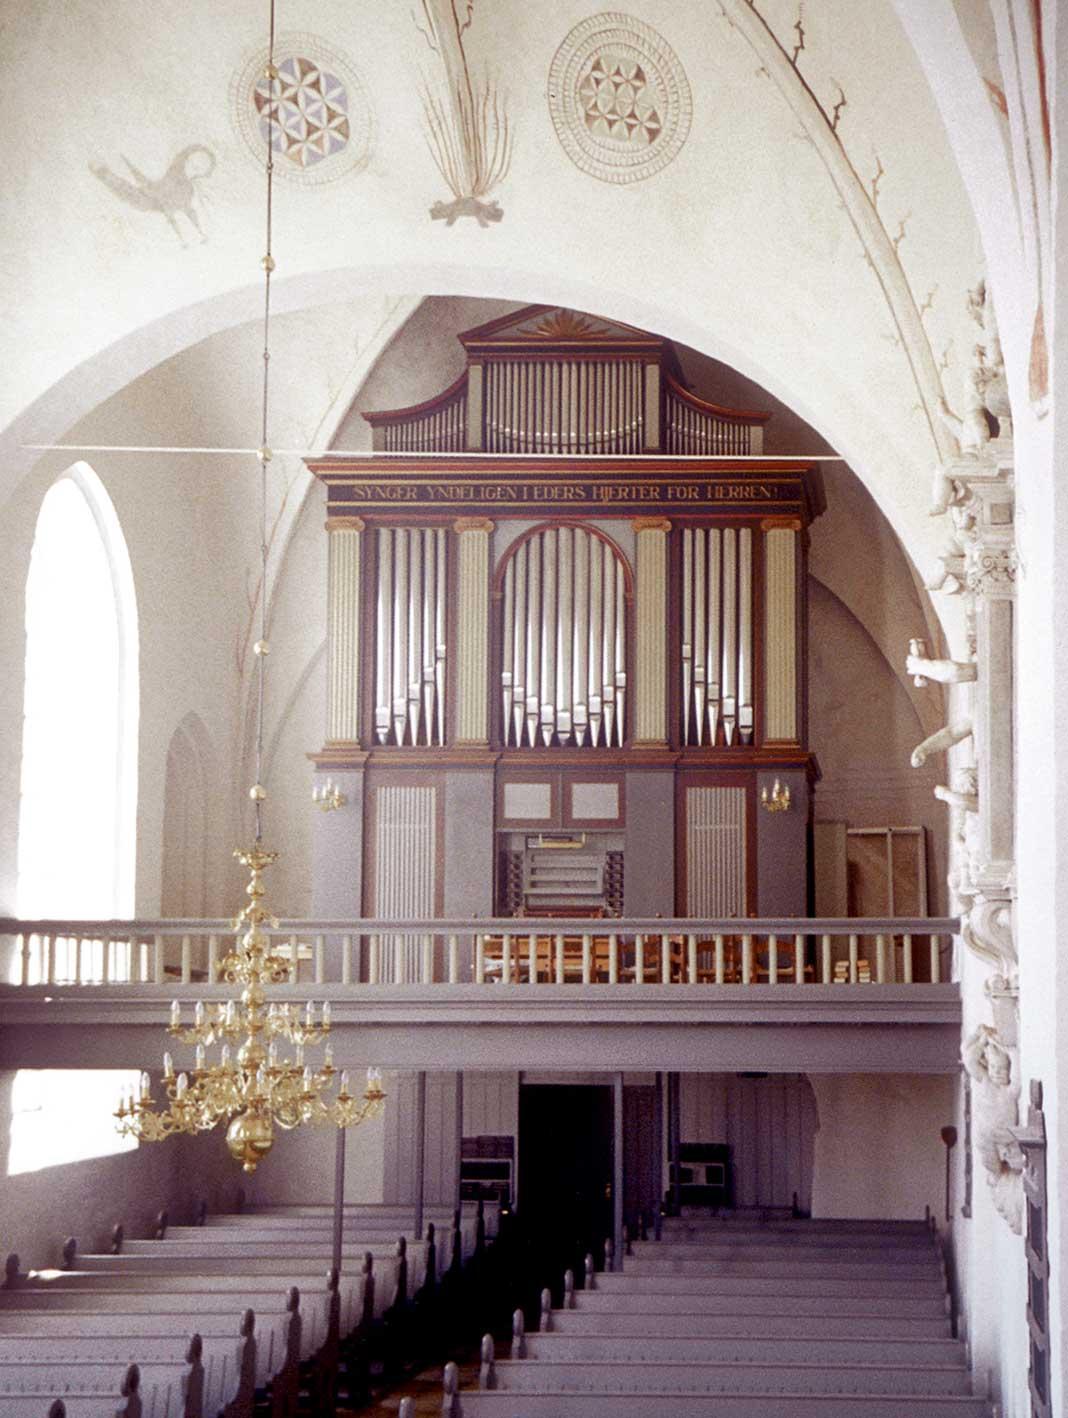 Øsby Kirke